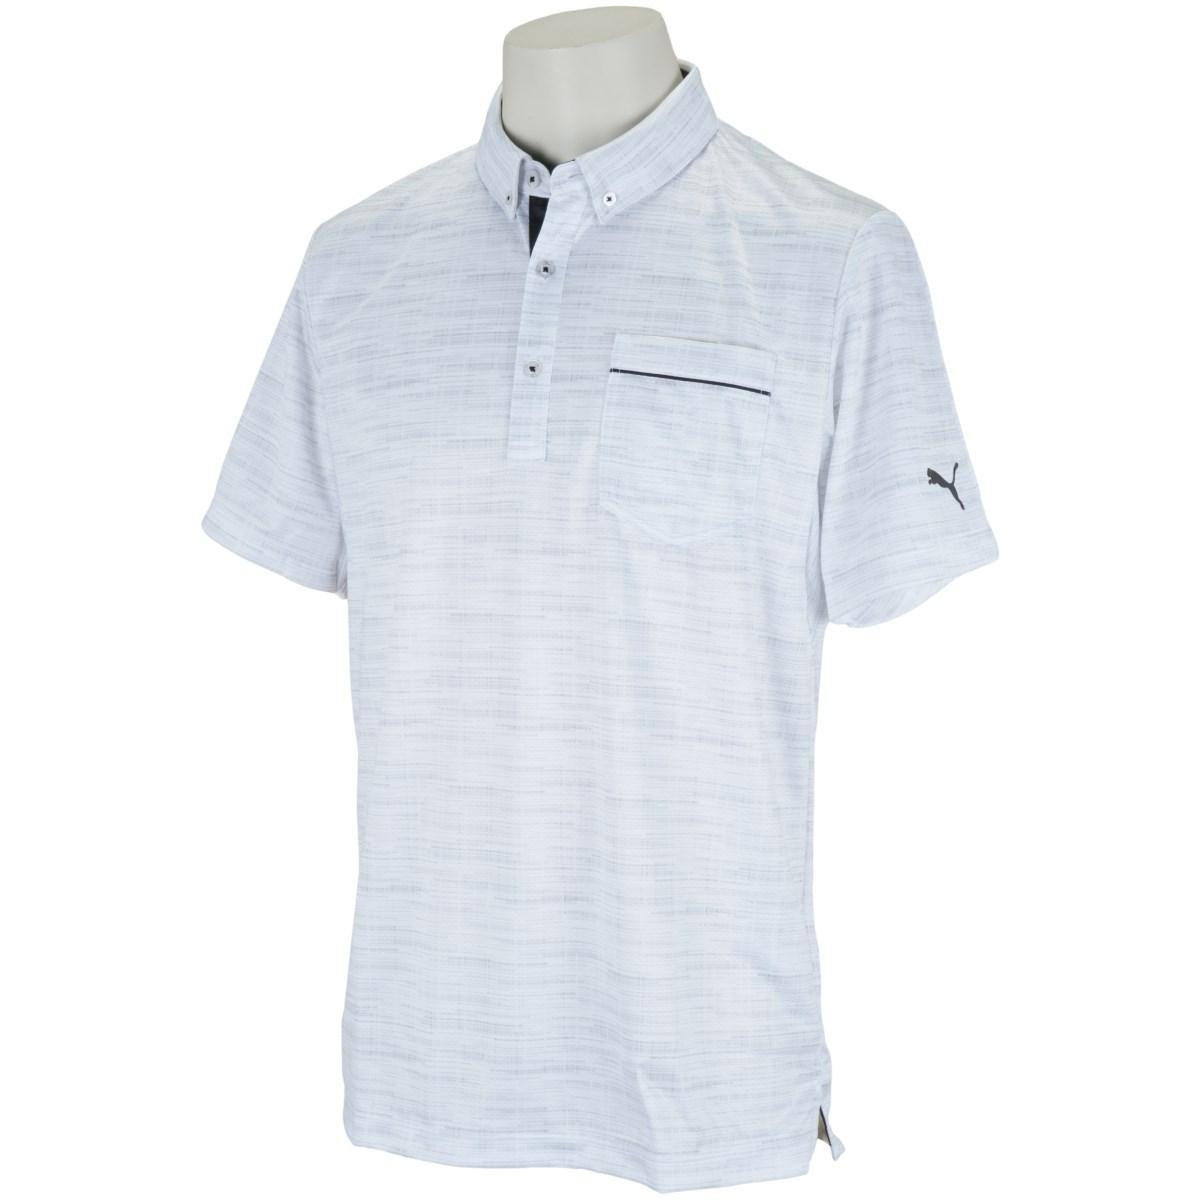 プーマ PUMA ノイズ スイングカット 半袖ポロシャツ S ブライト ホワイト 03